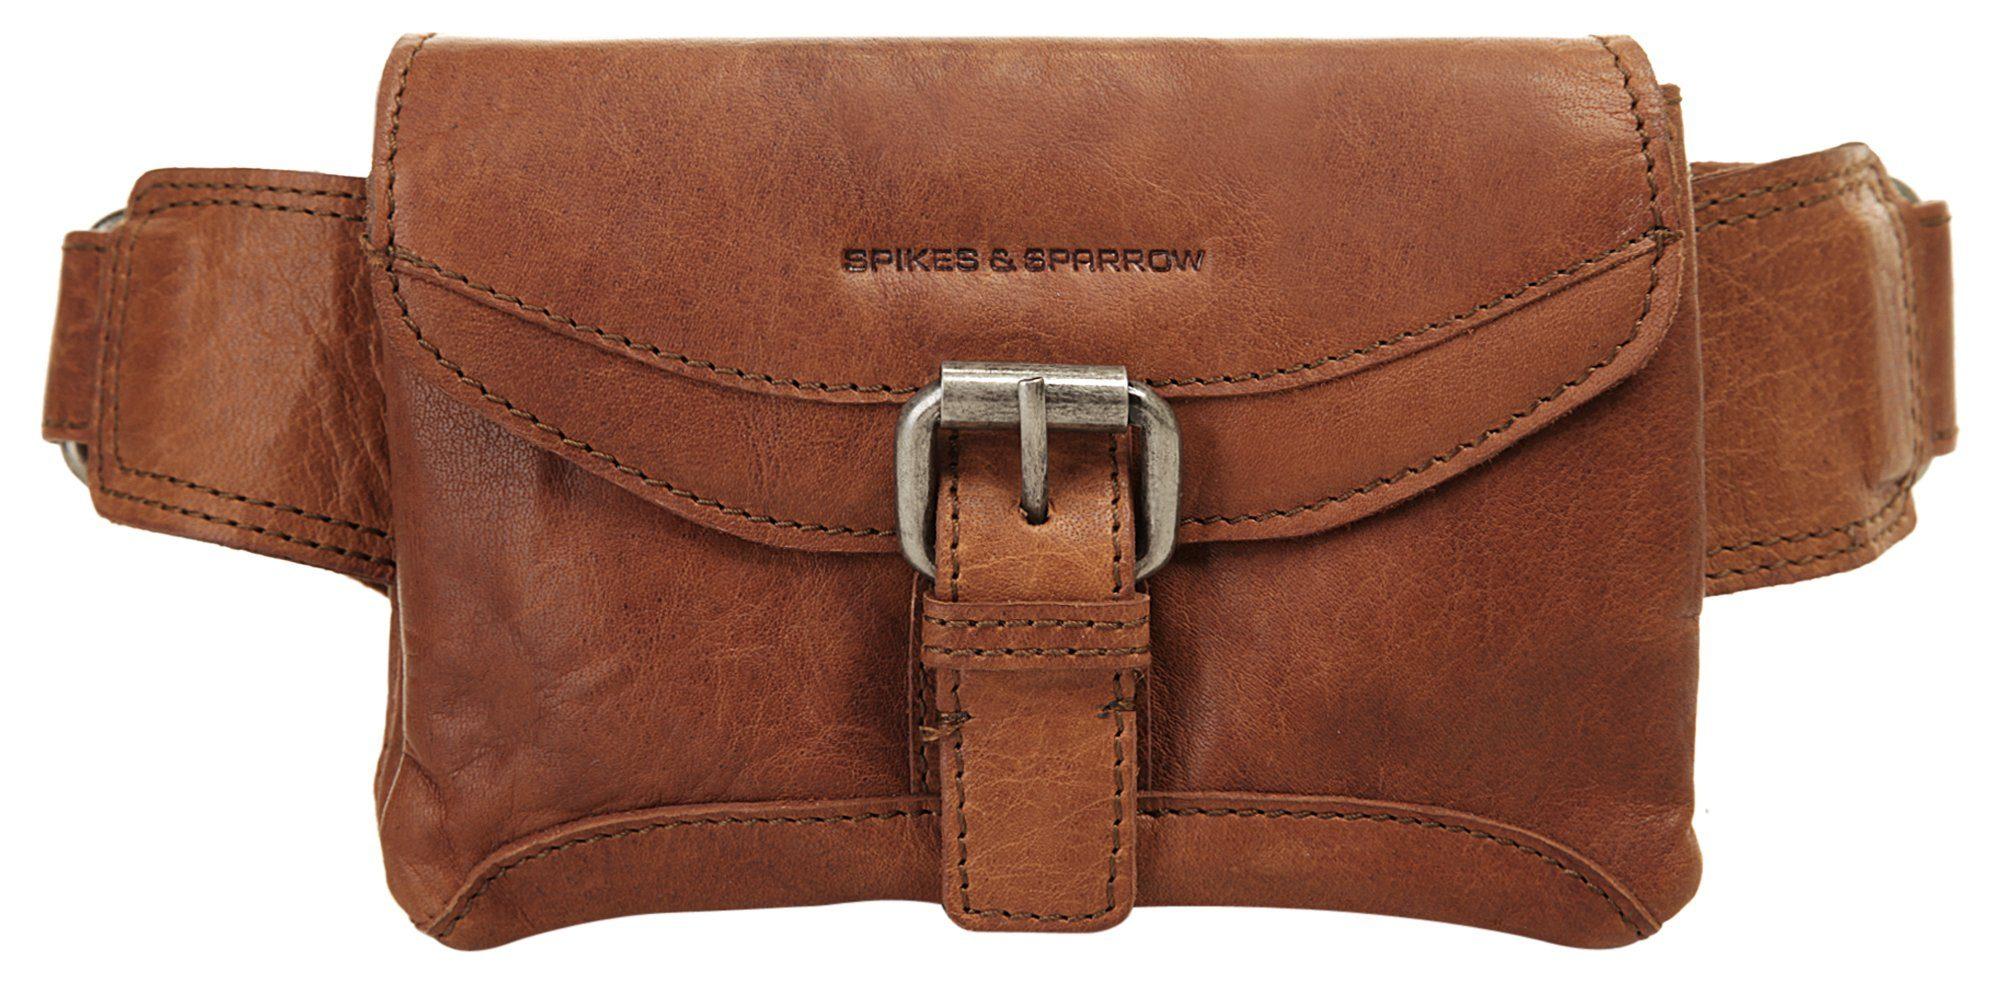 Spikes & Sparrow Gürteltasche, elastisch braun Damen Handtaschen Taschen Gürteltasche